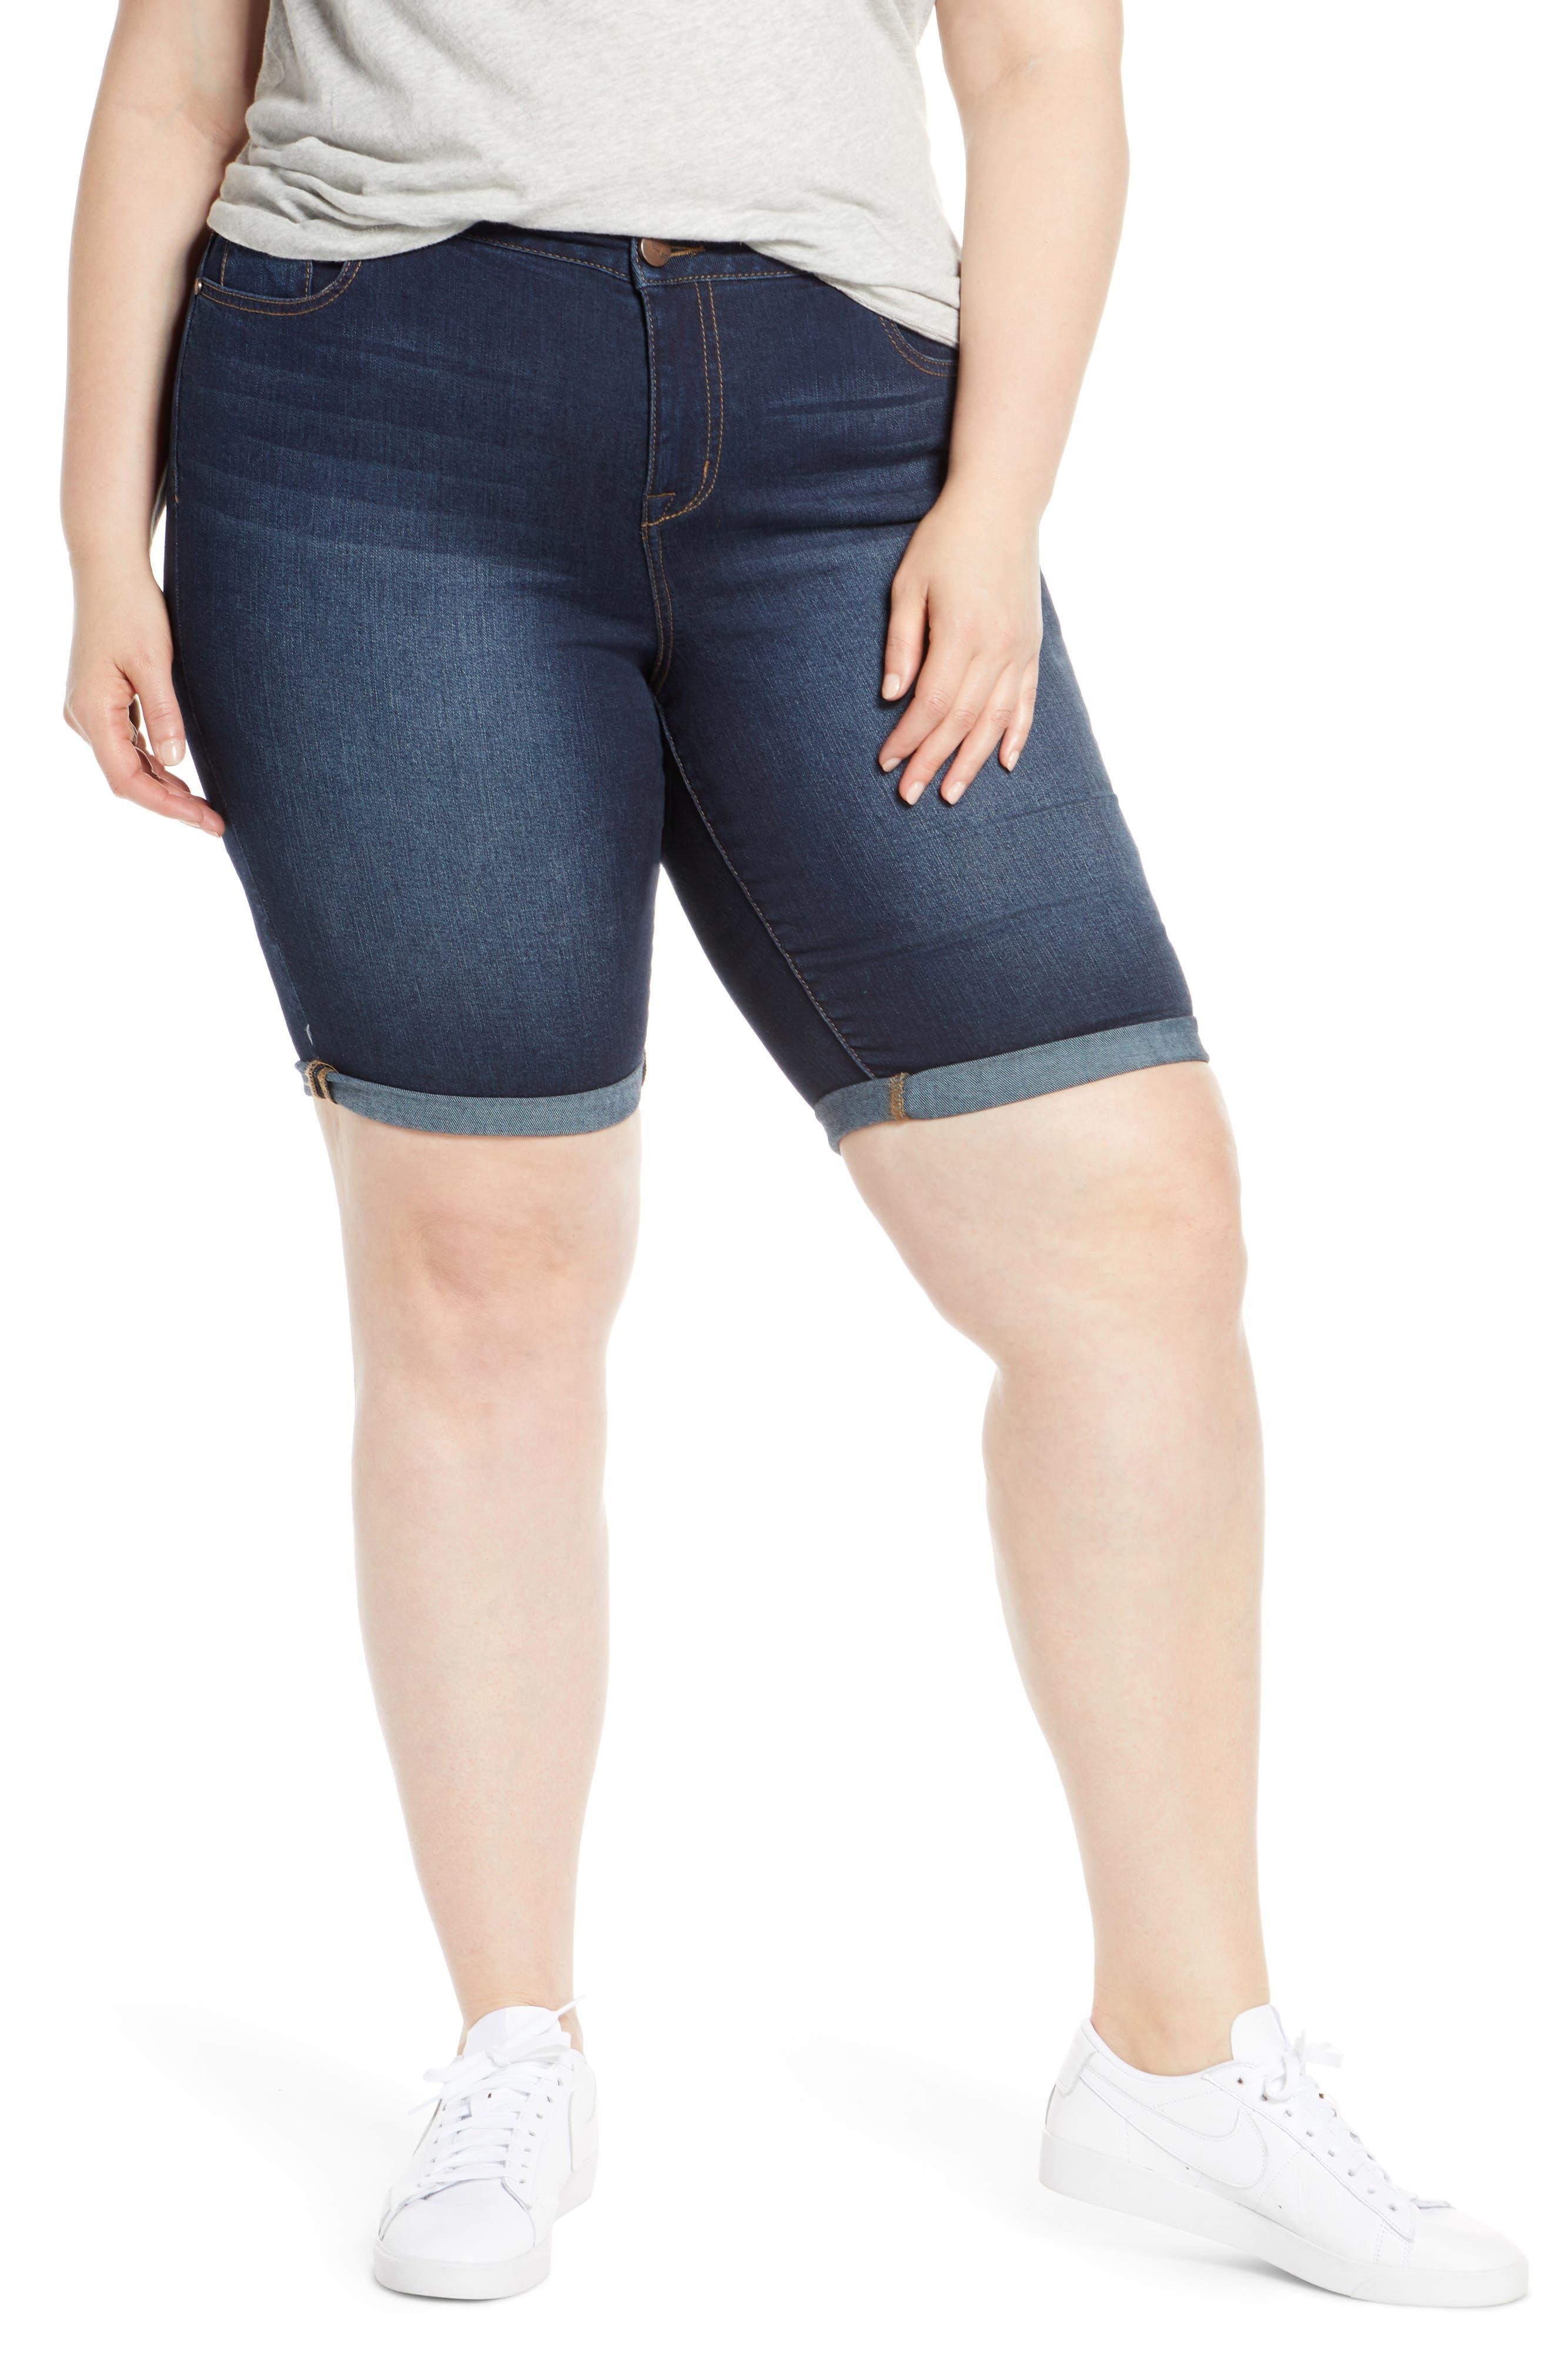 Plus Women's 1822 Denim Bermuda Shorts